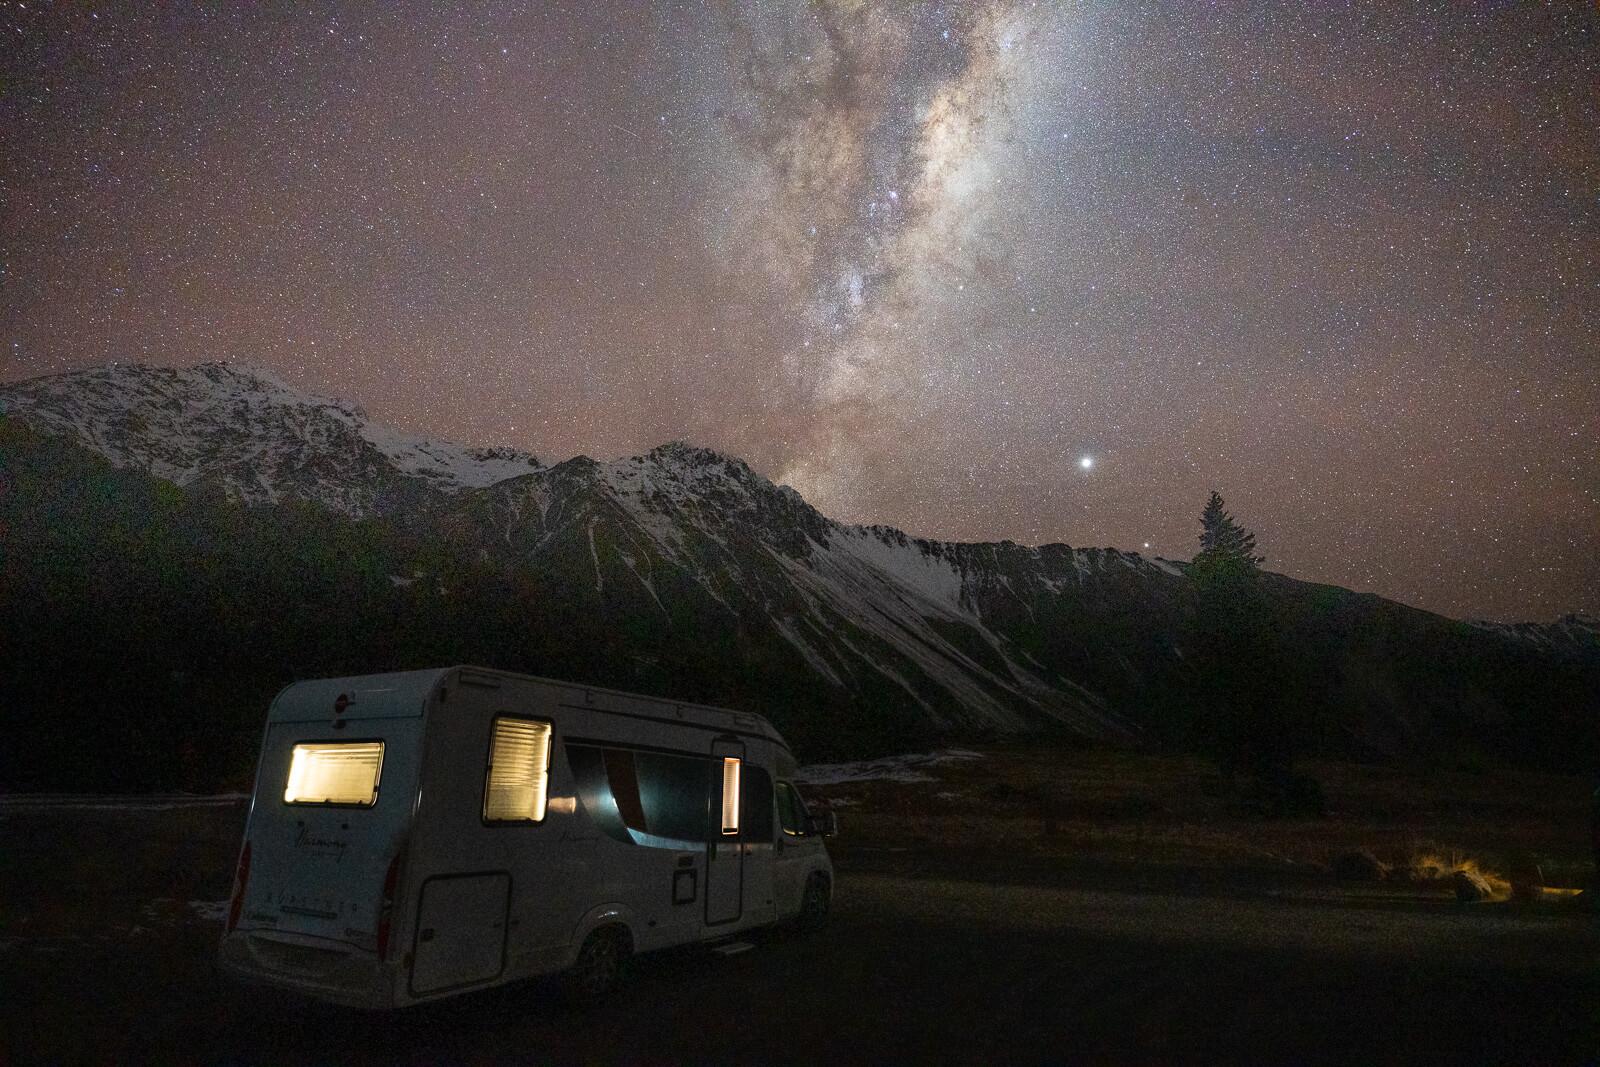 Wilderness Motorhome under the stars in the Aoraki Dark Sky Reserve